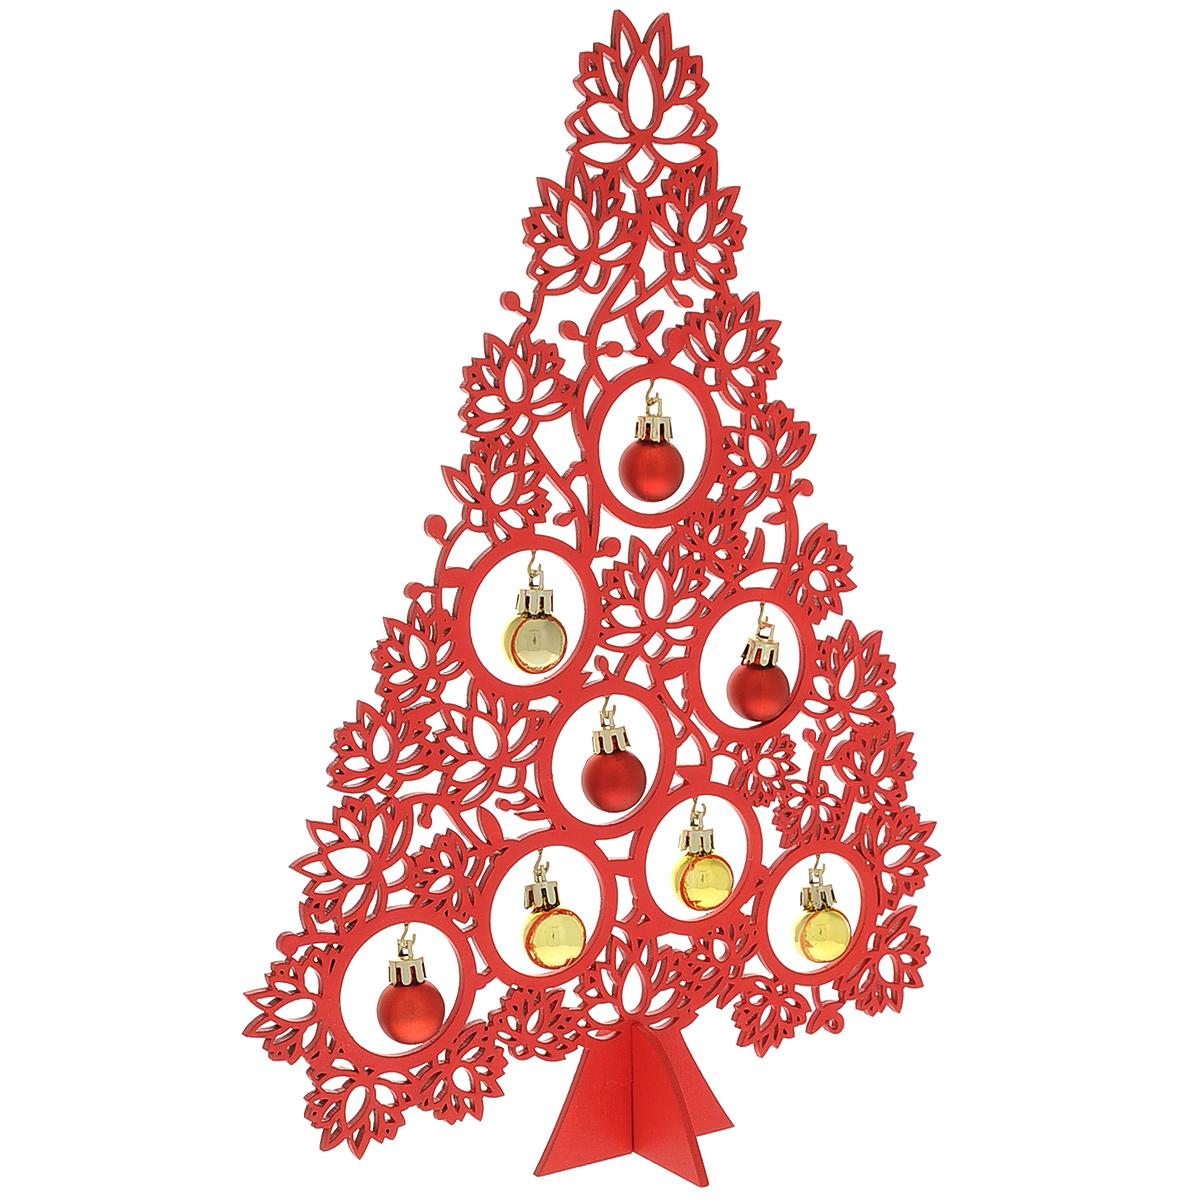 Украшение новогоднее Magic Time Ель с игрушками, цвет: красный, высота 34 см35284Украшение новогоднее Magic Time Ель с игрушками гармонично впишется впраздничный интерьервашего дома или офиса. Изделие, состоящее из ели на подставке и 8 игрушек, выполнено изкачественного дерева.Новогодние украшения всегда несут в себе волшебство и красоту праздника. Создайтеатмосферу тепла, веселья и радости.